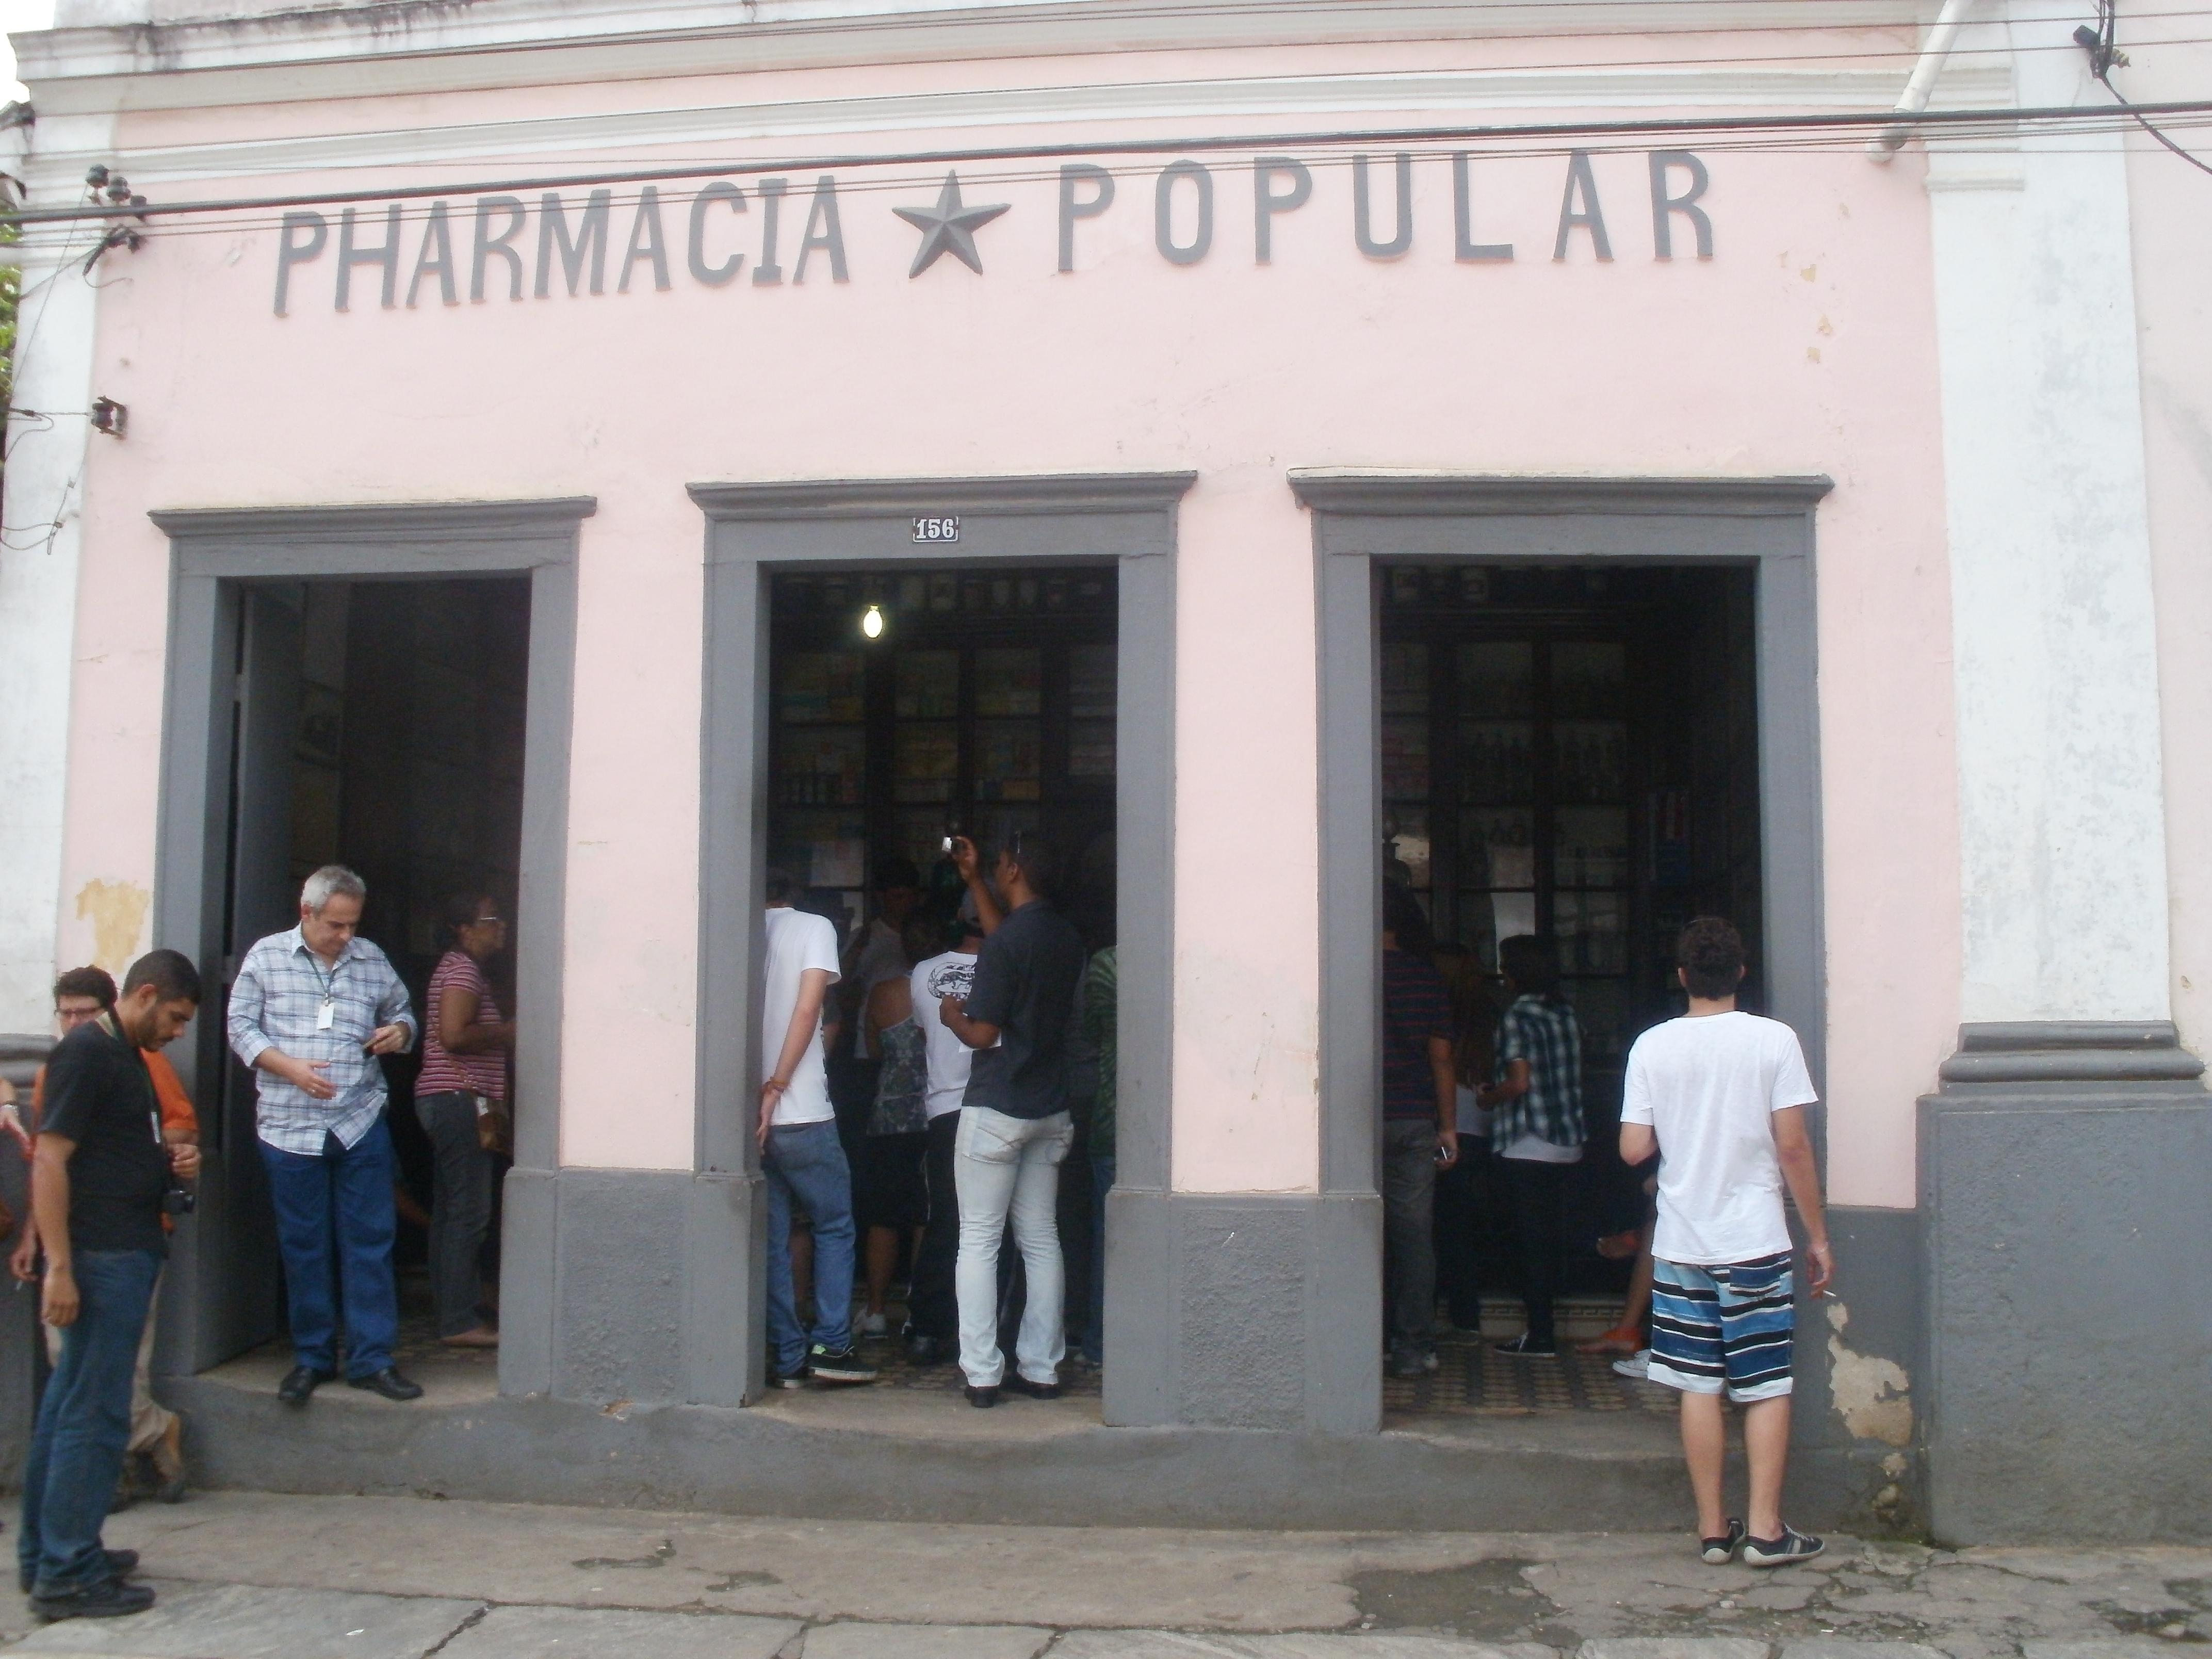 Merger of upjohn and pharmacia company